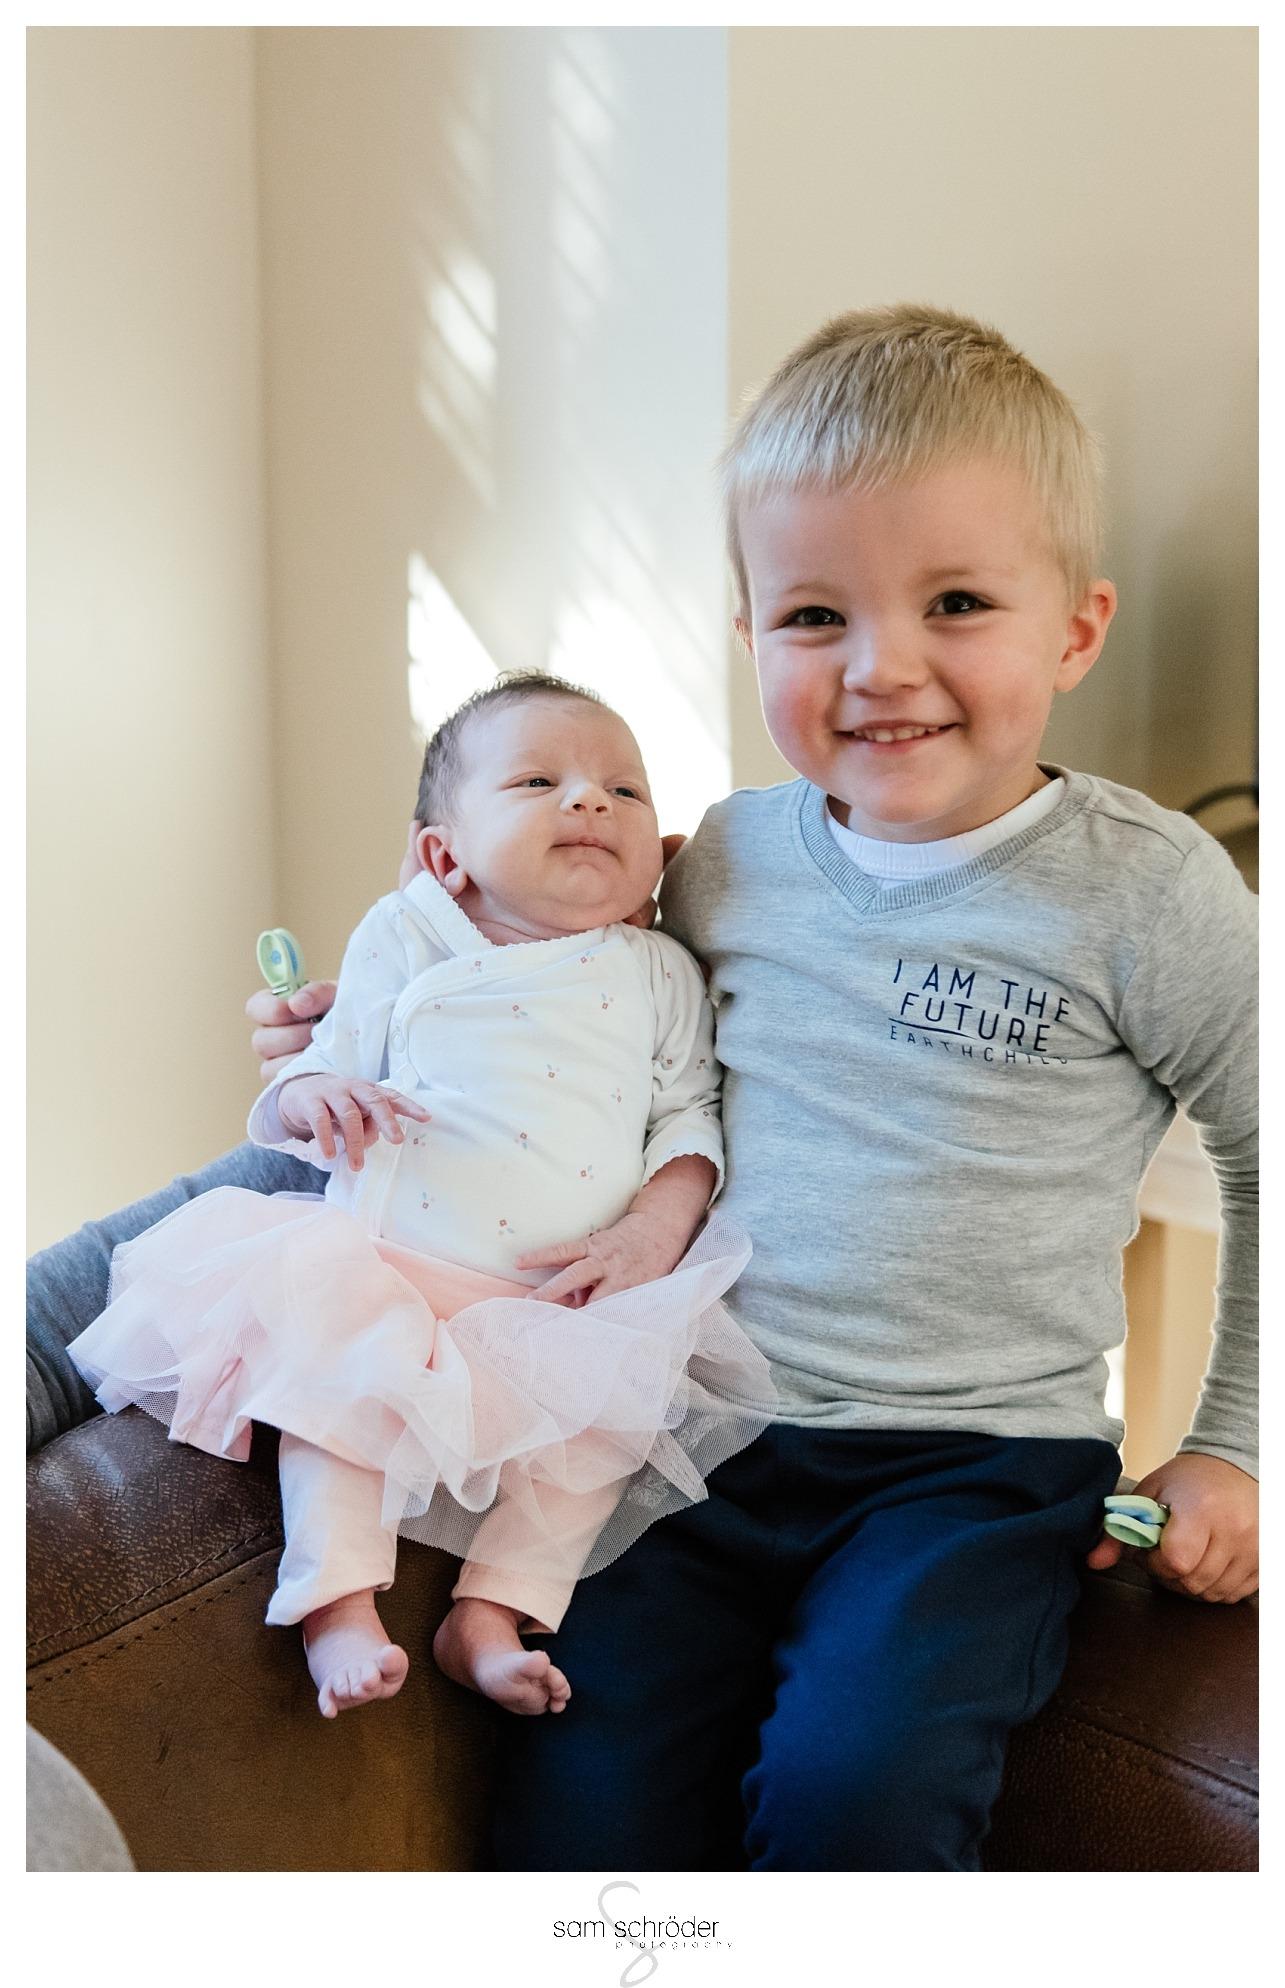 Newborn Photography_Gauteng Newborn Photography_Sam Schroder Photography_Birth Photography